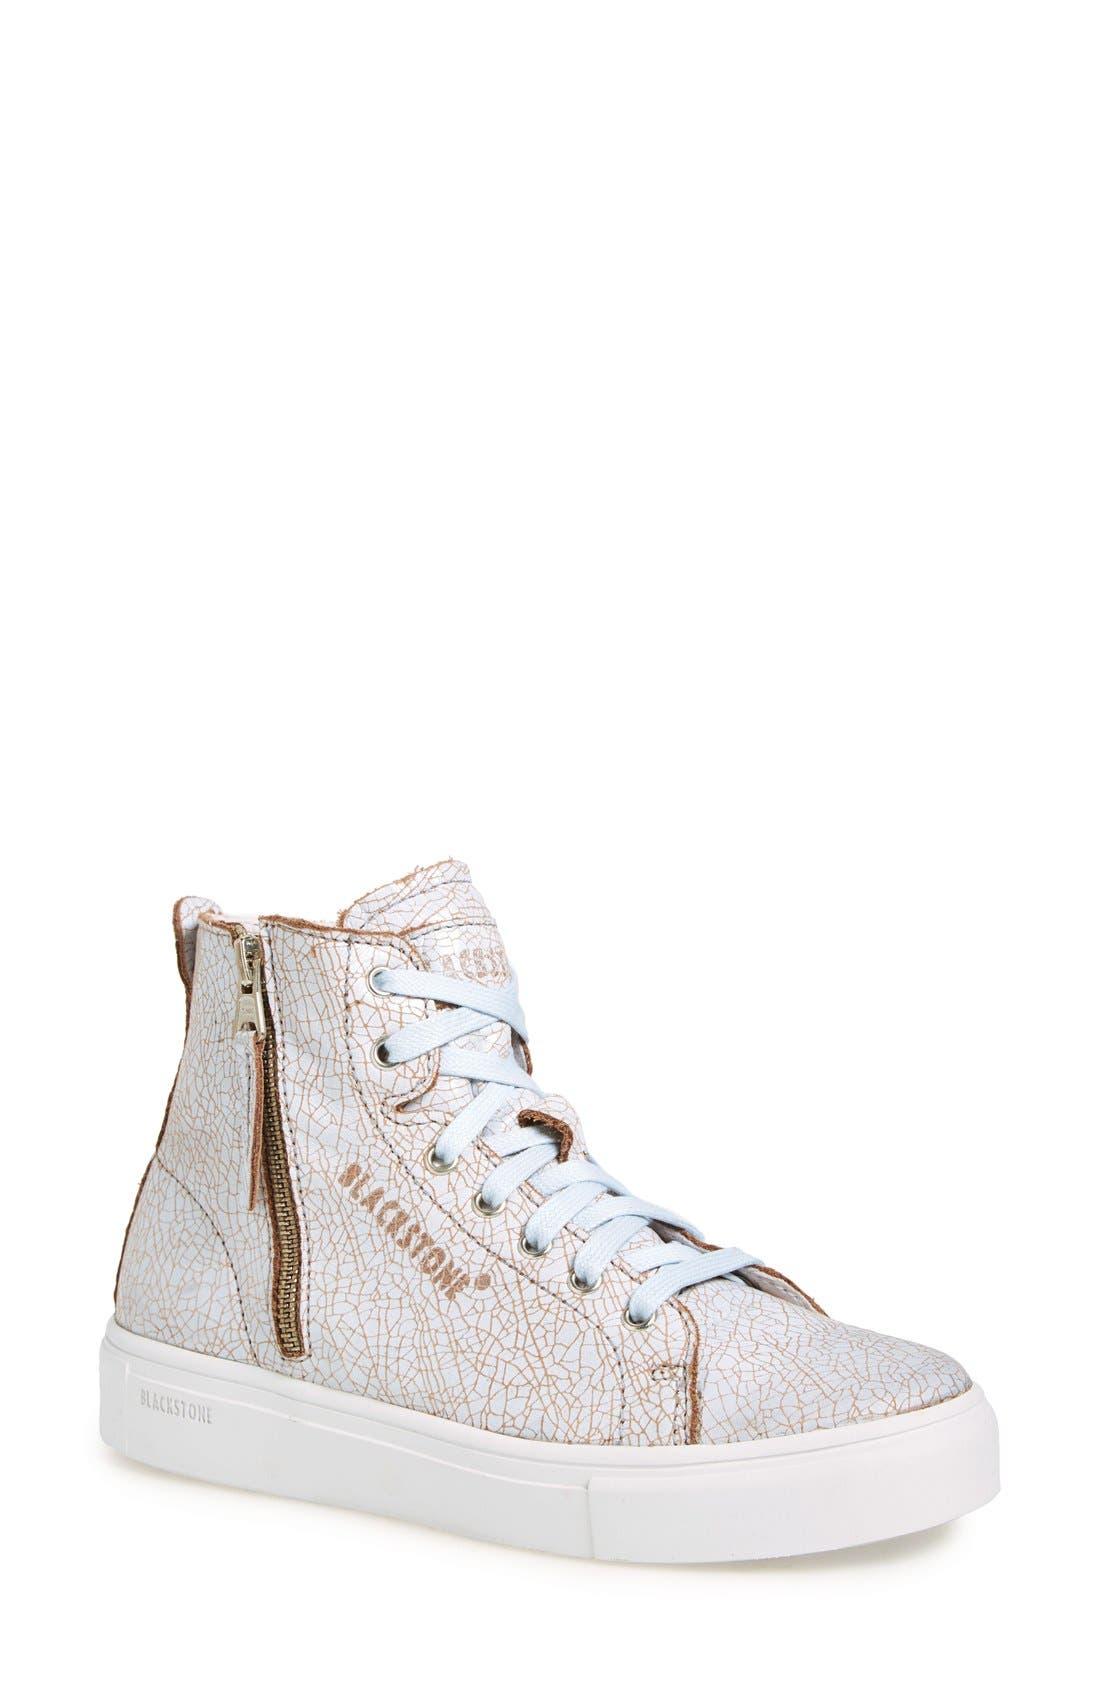 'LL78' Crackled High Top Platform Sneaker,                         Main,                         color, Hazel/White